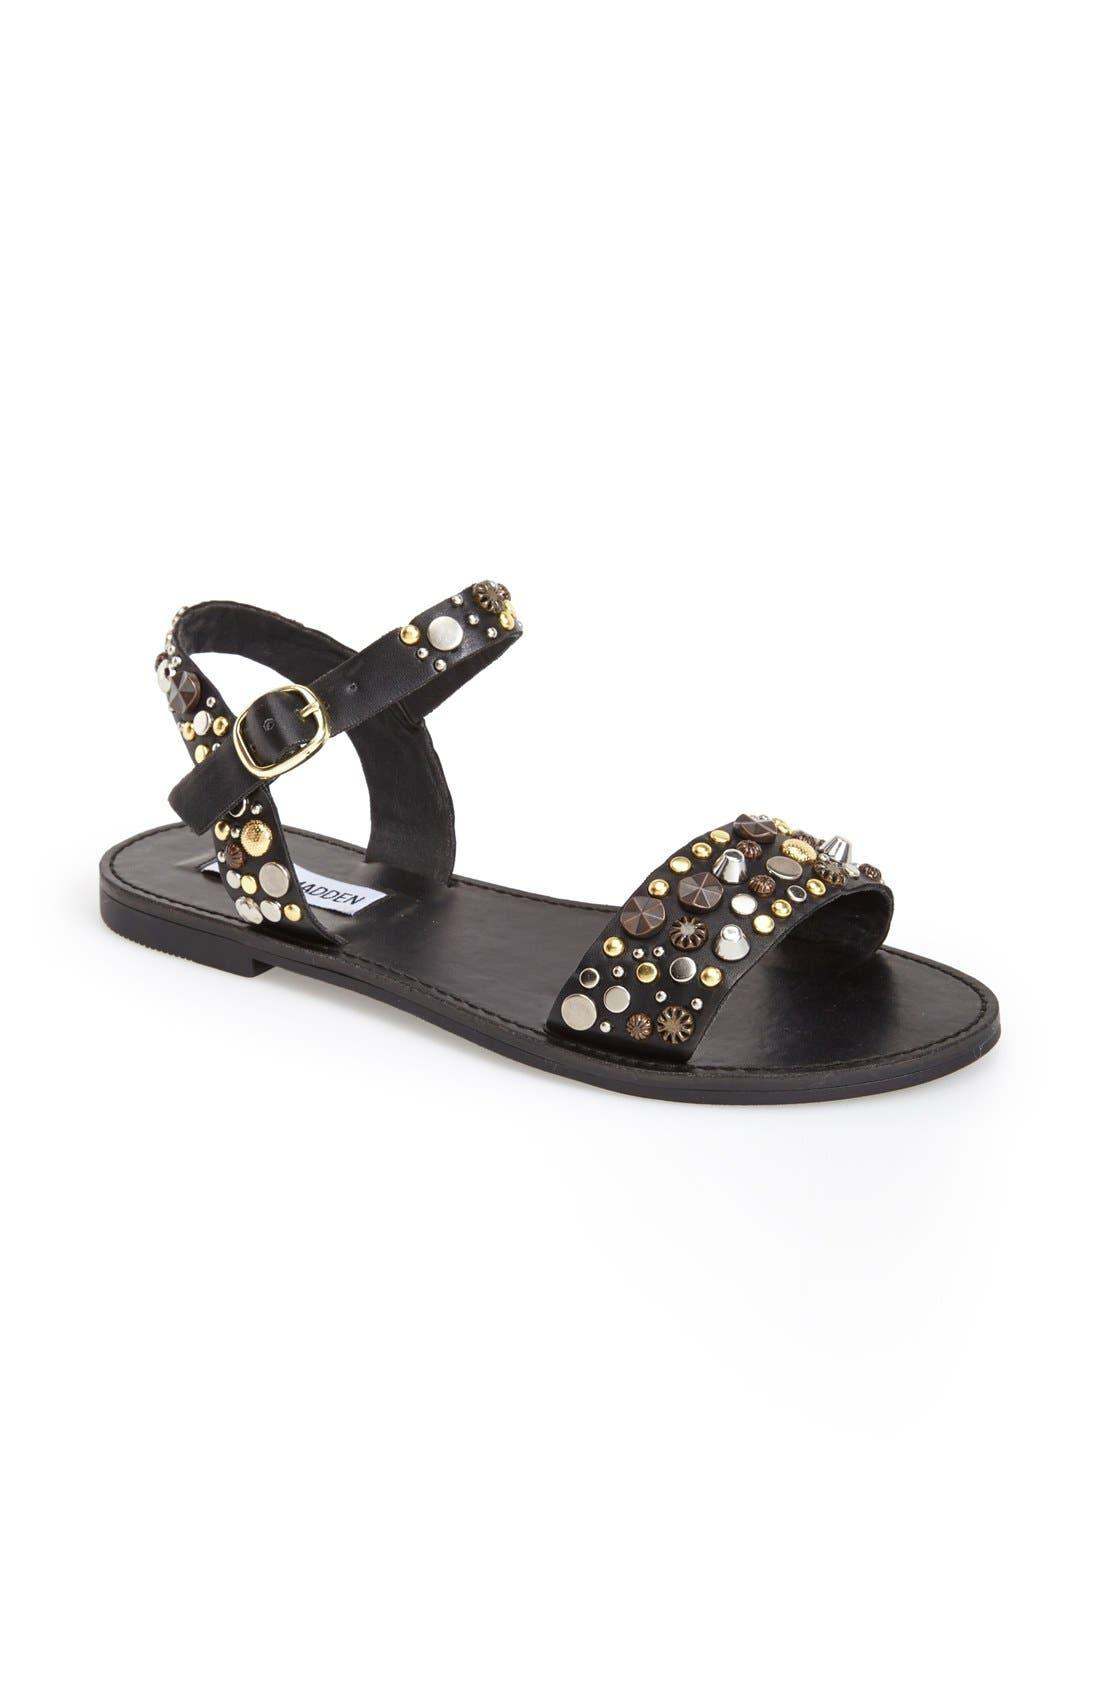 Alternate Image 1 Selected - Steve Madden 'Donddi-S' Ankle Strap Sandal (Women)